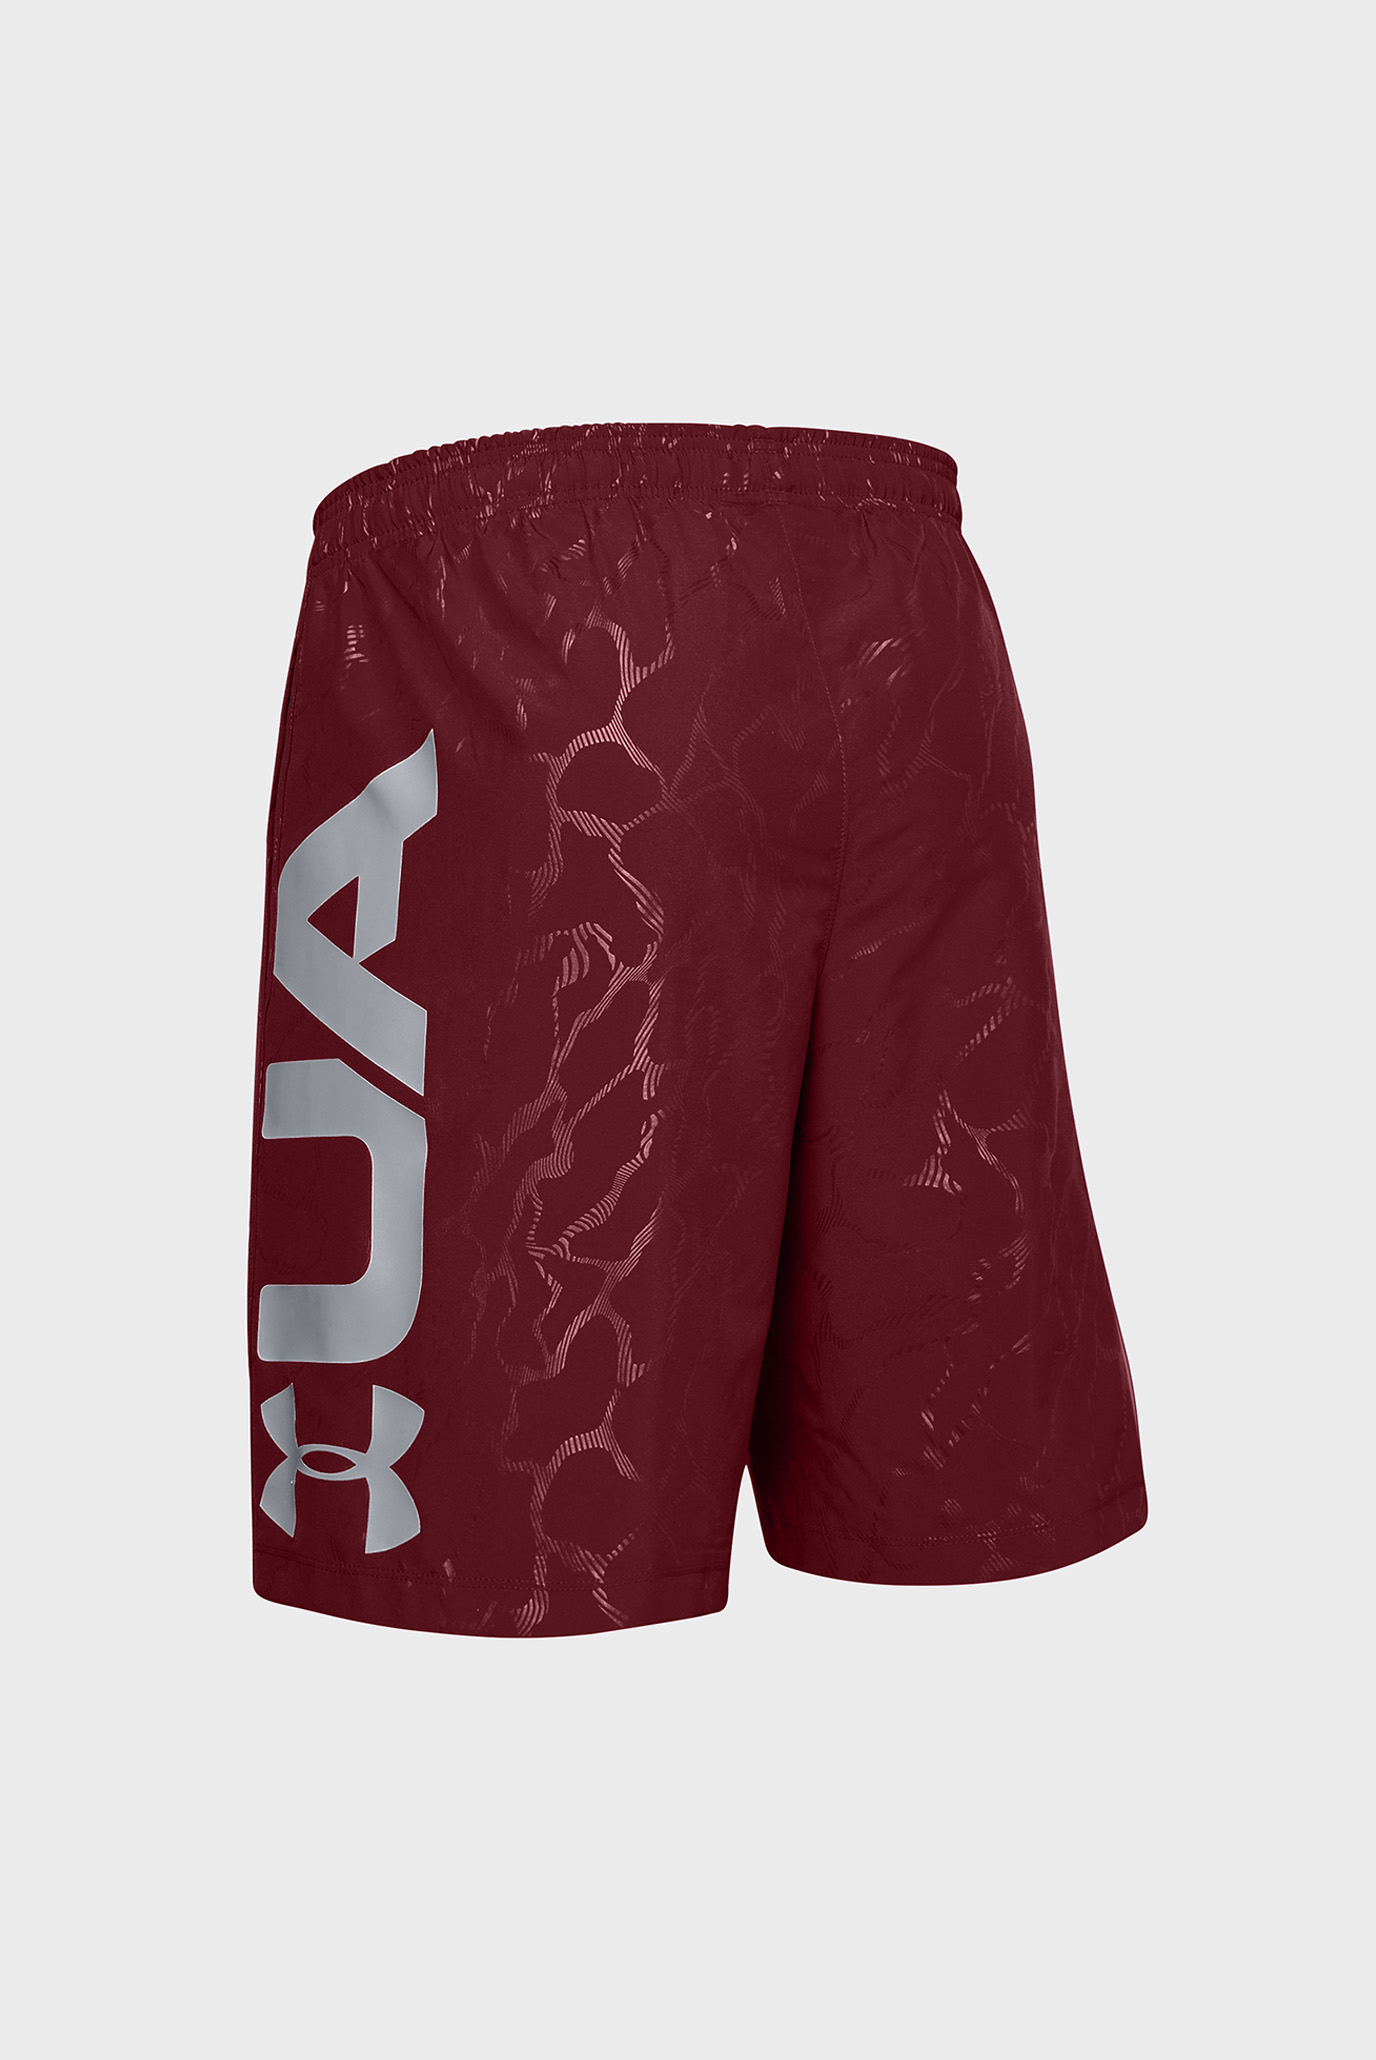 Мужские бордовые шорты Woven Graphic Emboss Shorts Under Armour